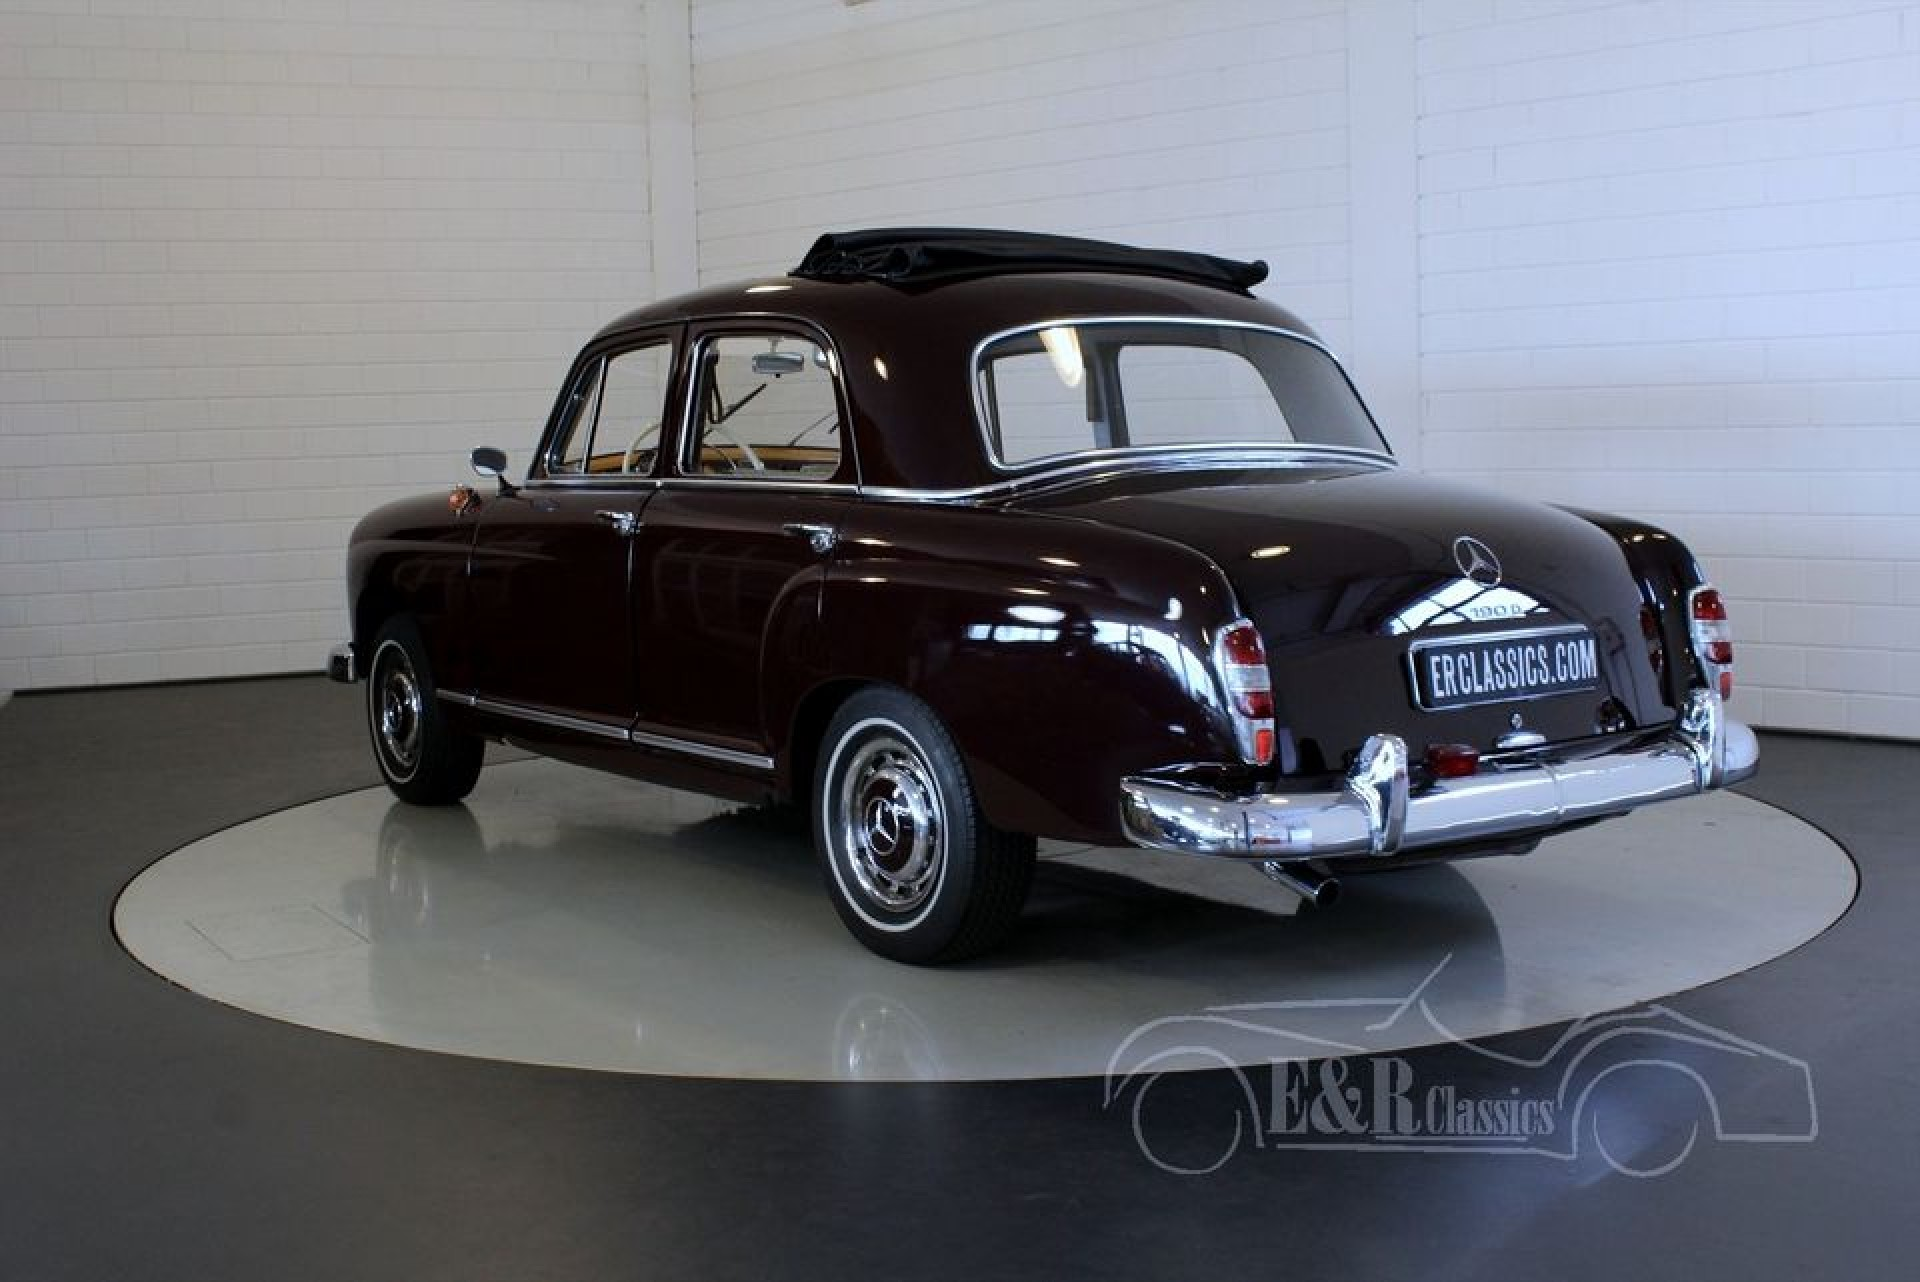 Mercedes benz 190d ponton 1961 for sale at erclassics for Mercedes benz classics for sale